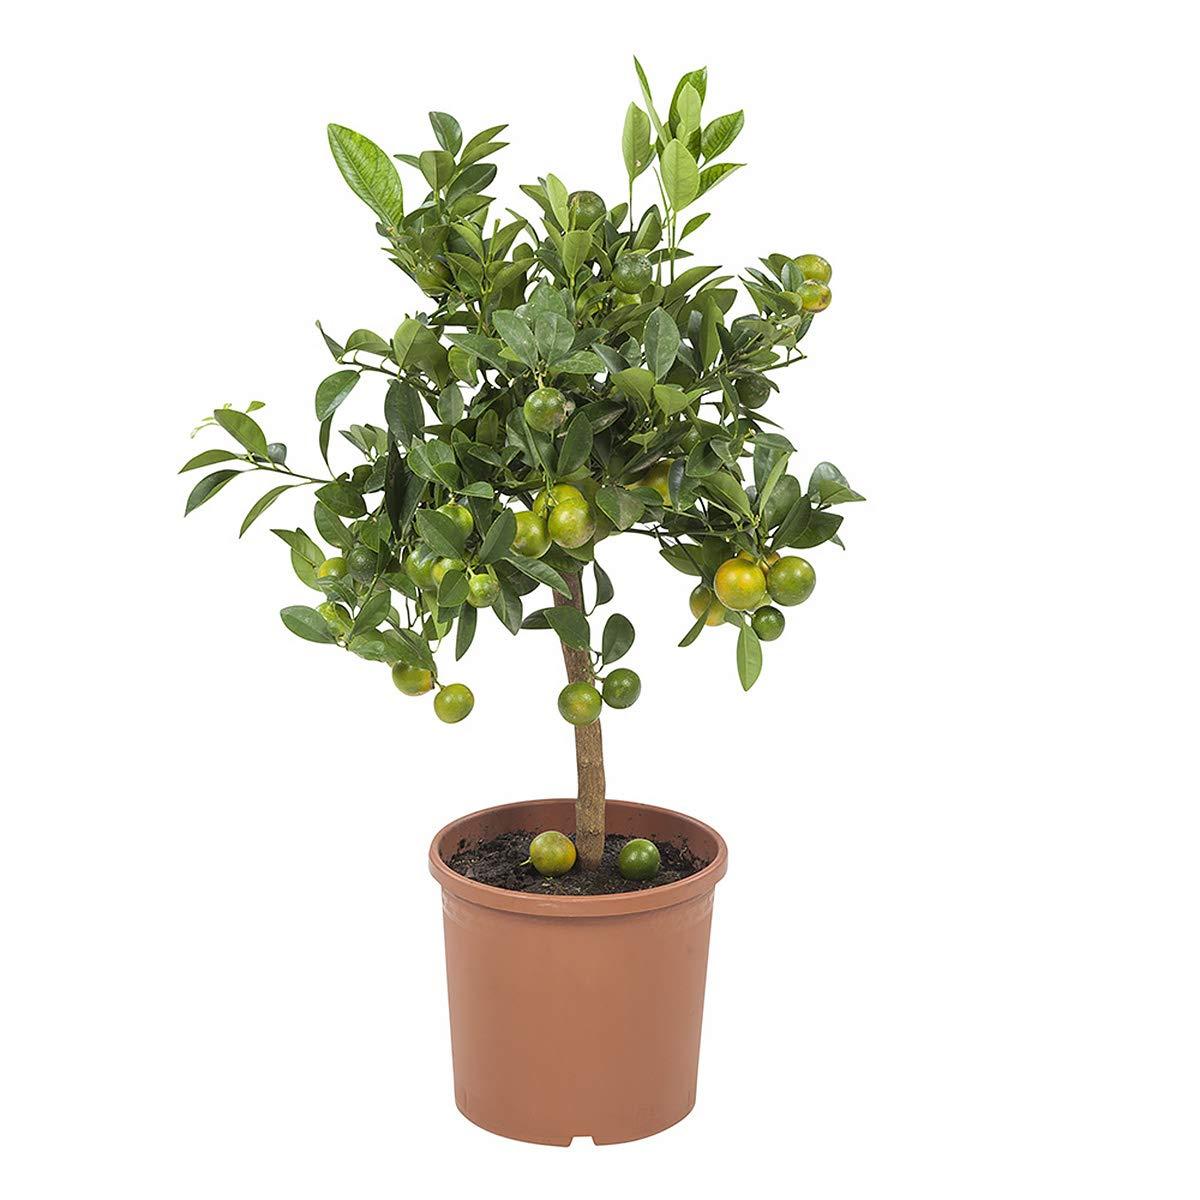 BOTANICLY | Plantes vertes d intérieur – Calamondin ou oranger d'appartement | Hauteur: 75 cm | Citrus Microcarpa